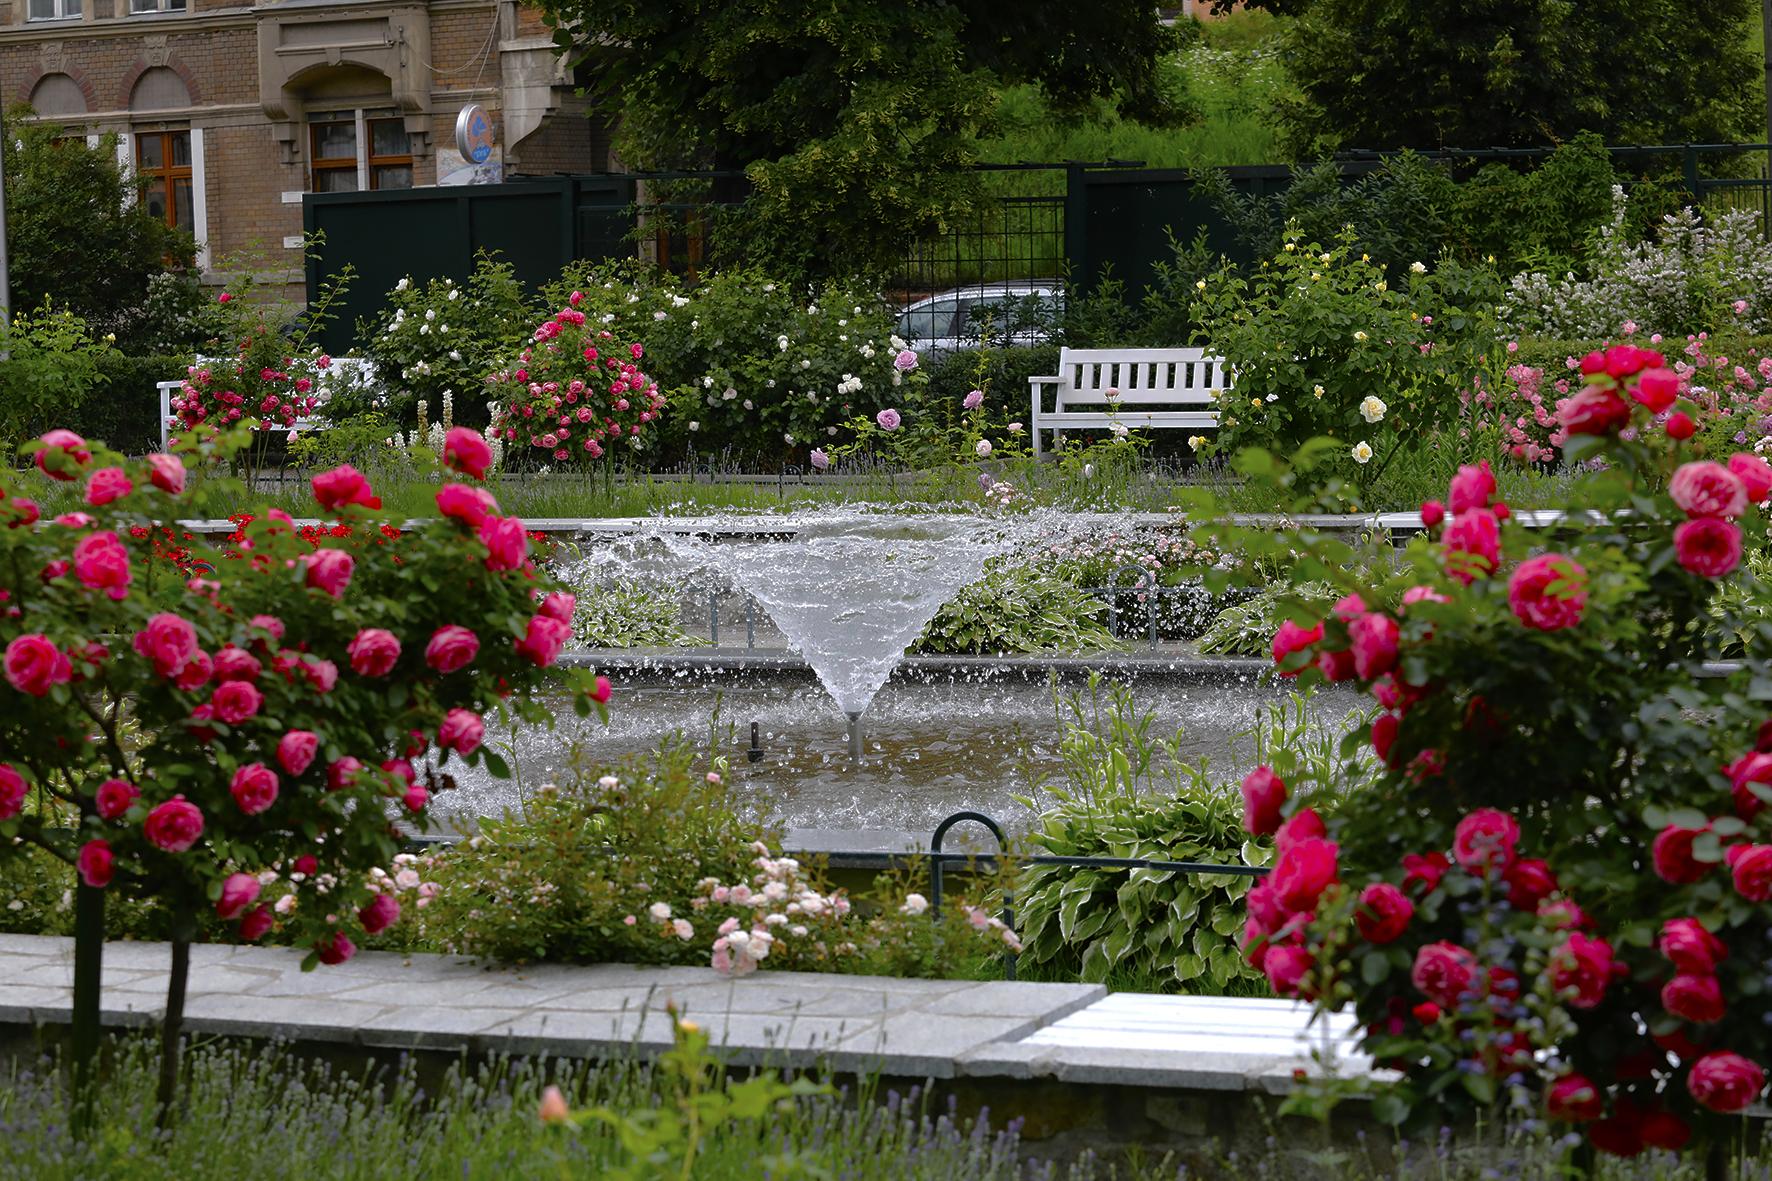 Ogród różany w Świdnicy, fot. Dariusz Nowaczyński